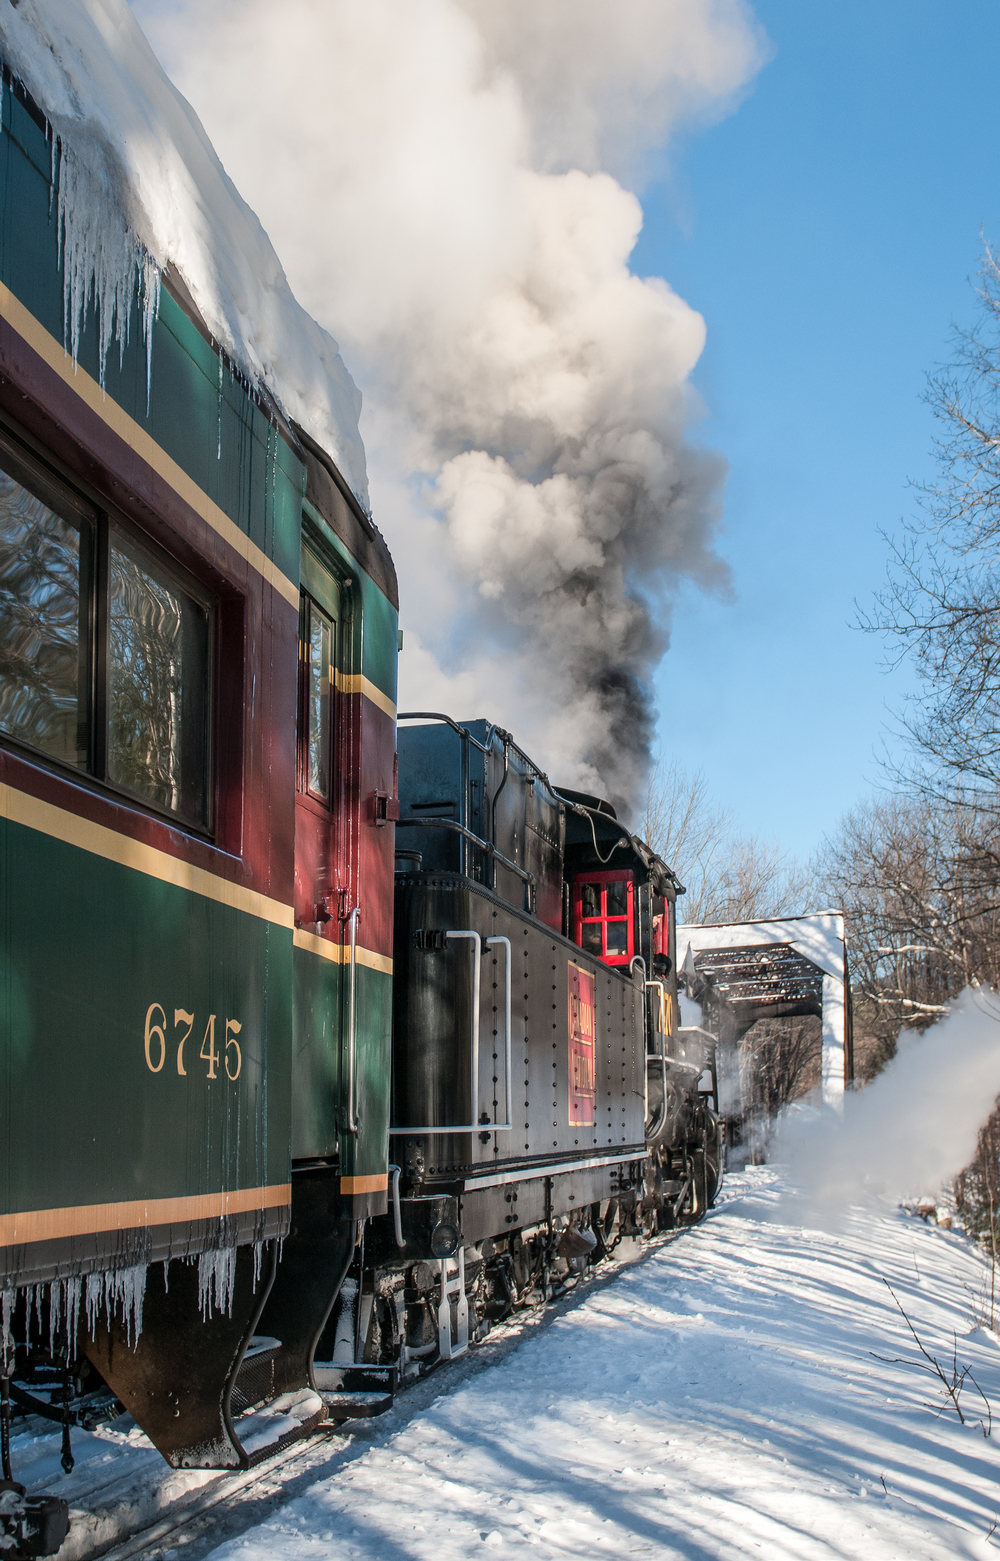 Polar Express 1